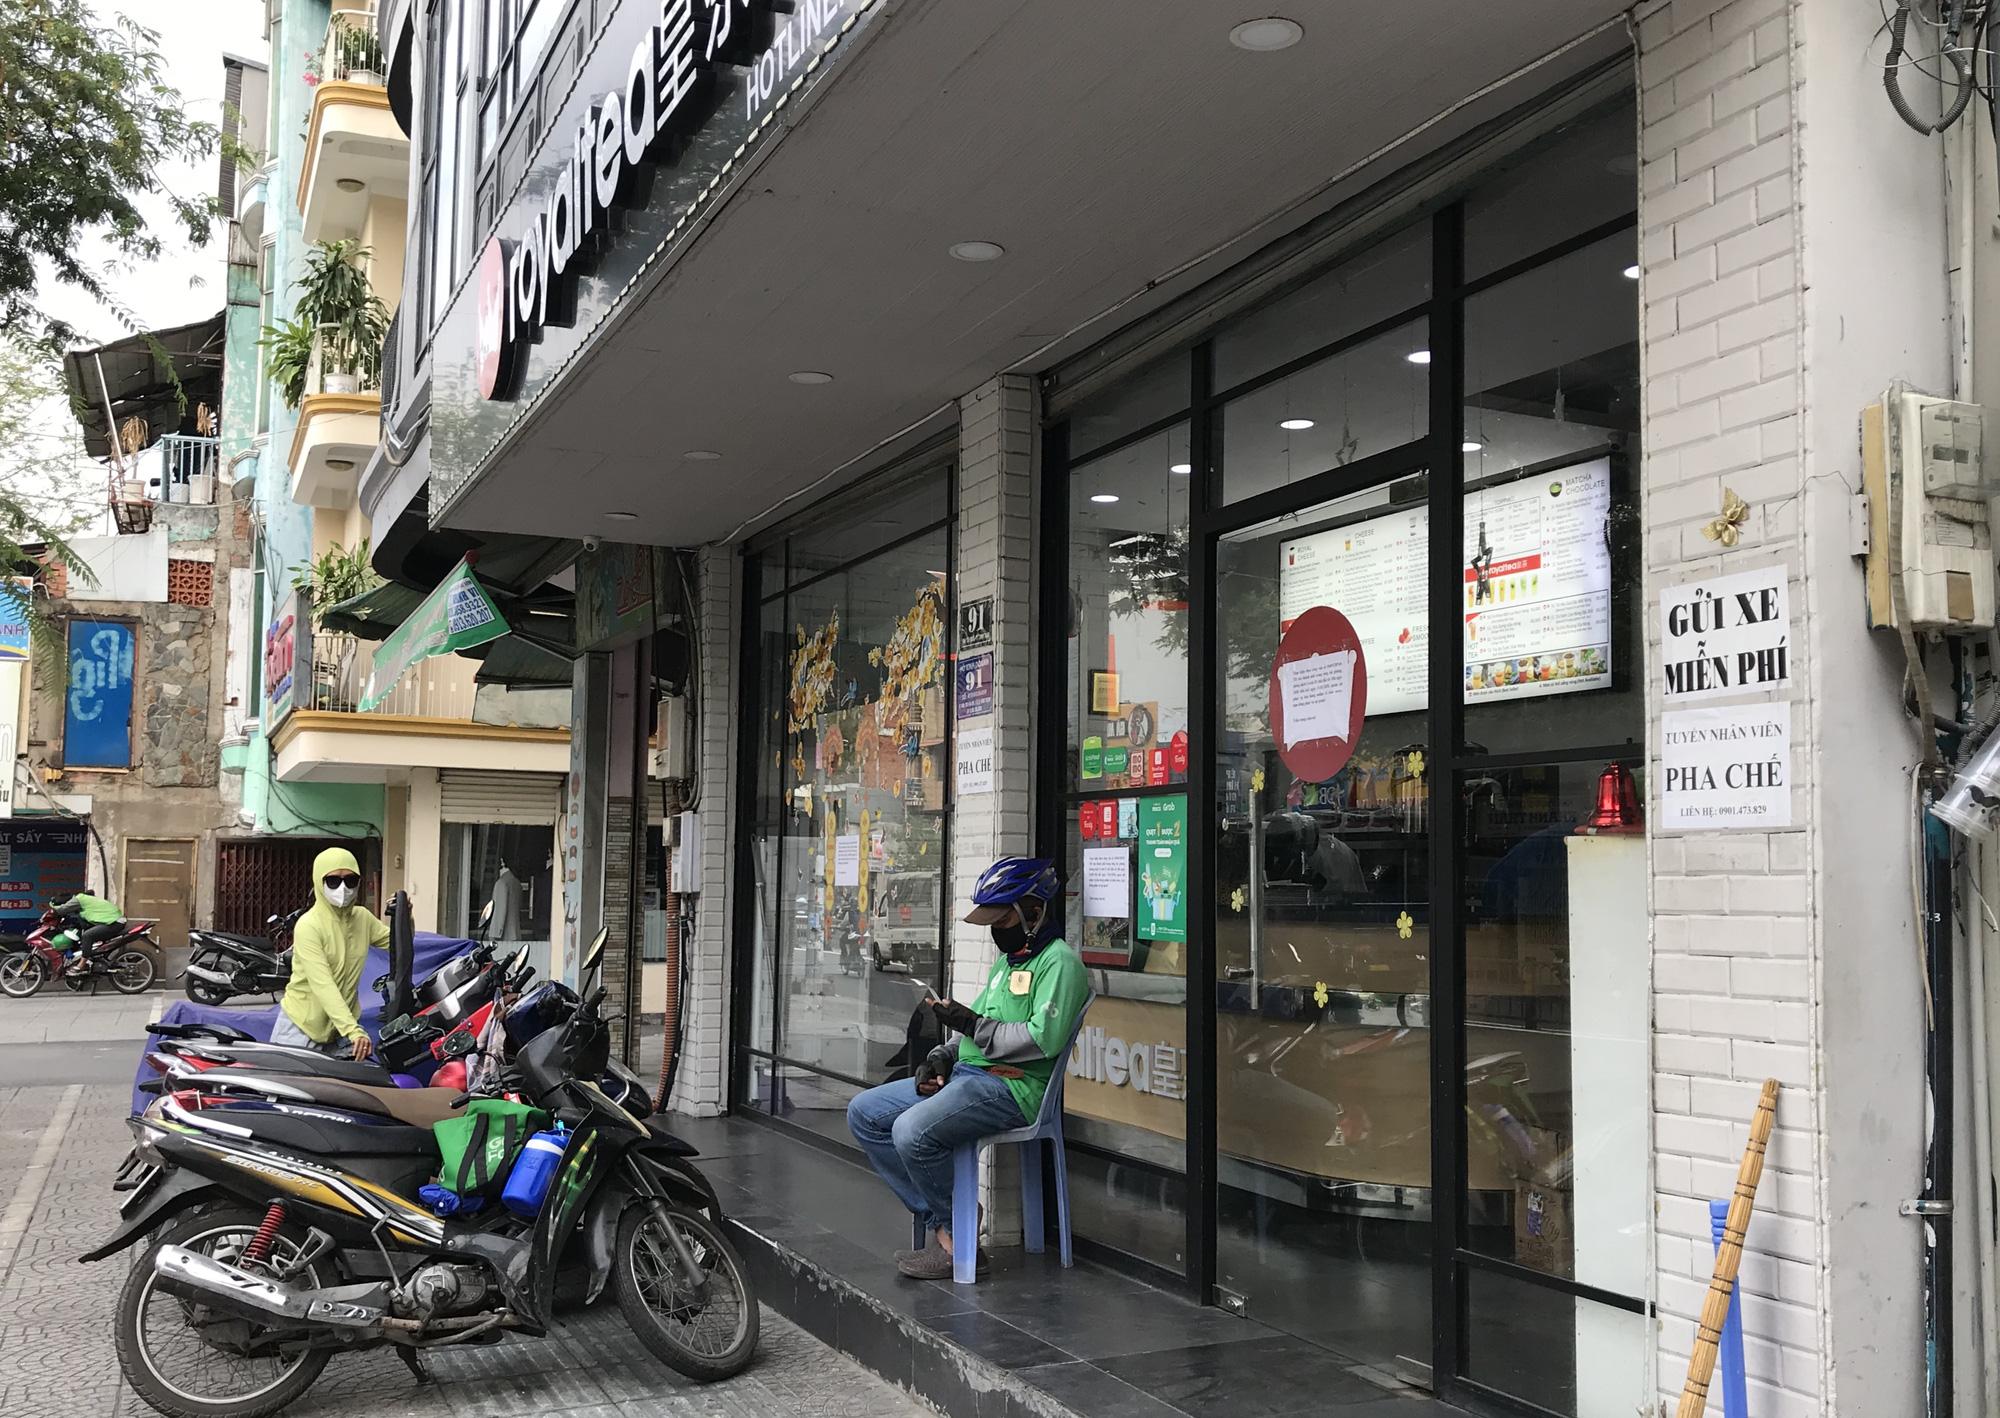 Cửa hàng, quán ăn Sài Gòn nín thở chờ lệnh cách li xã hội - Ảnh 10.